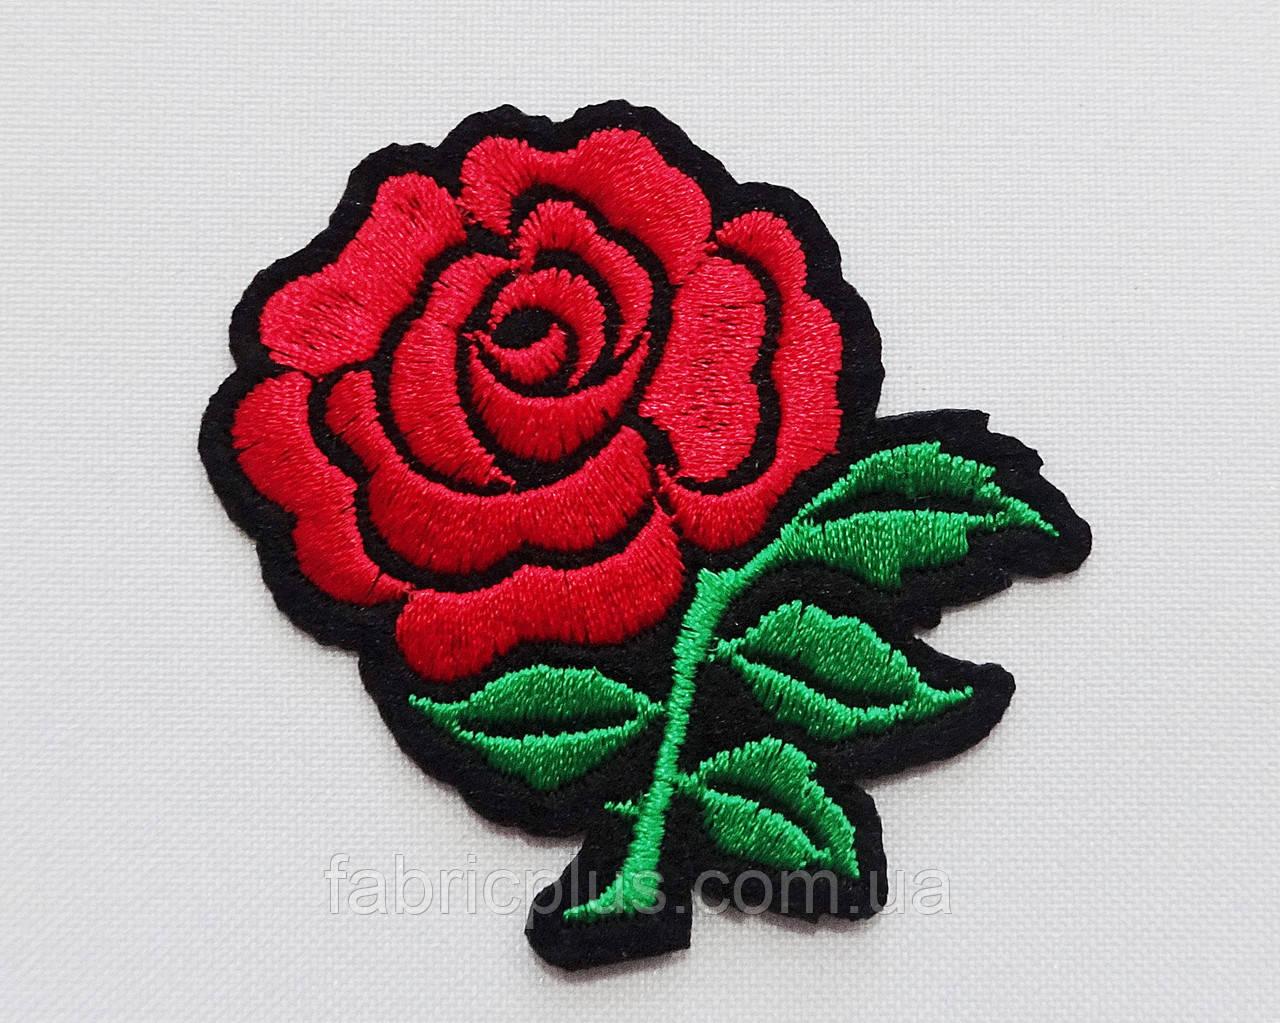 Аплікація (термо) червона троянда на чорному